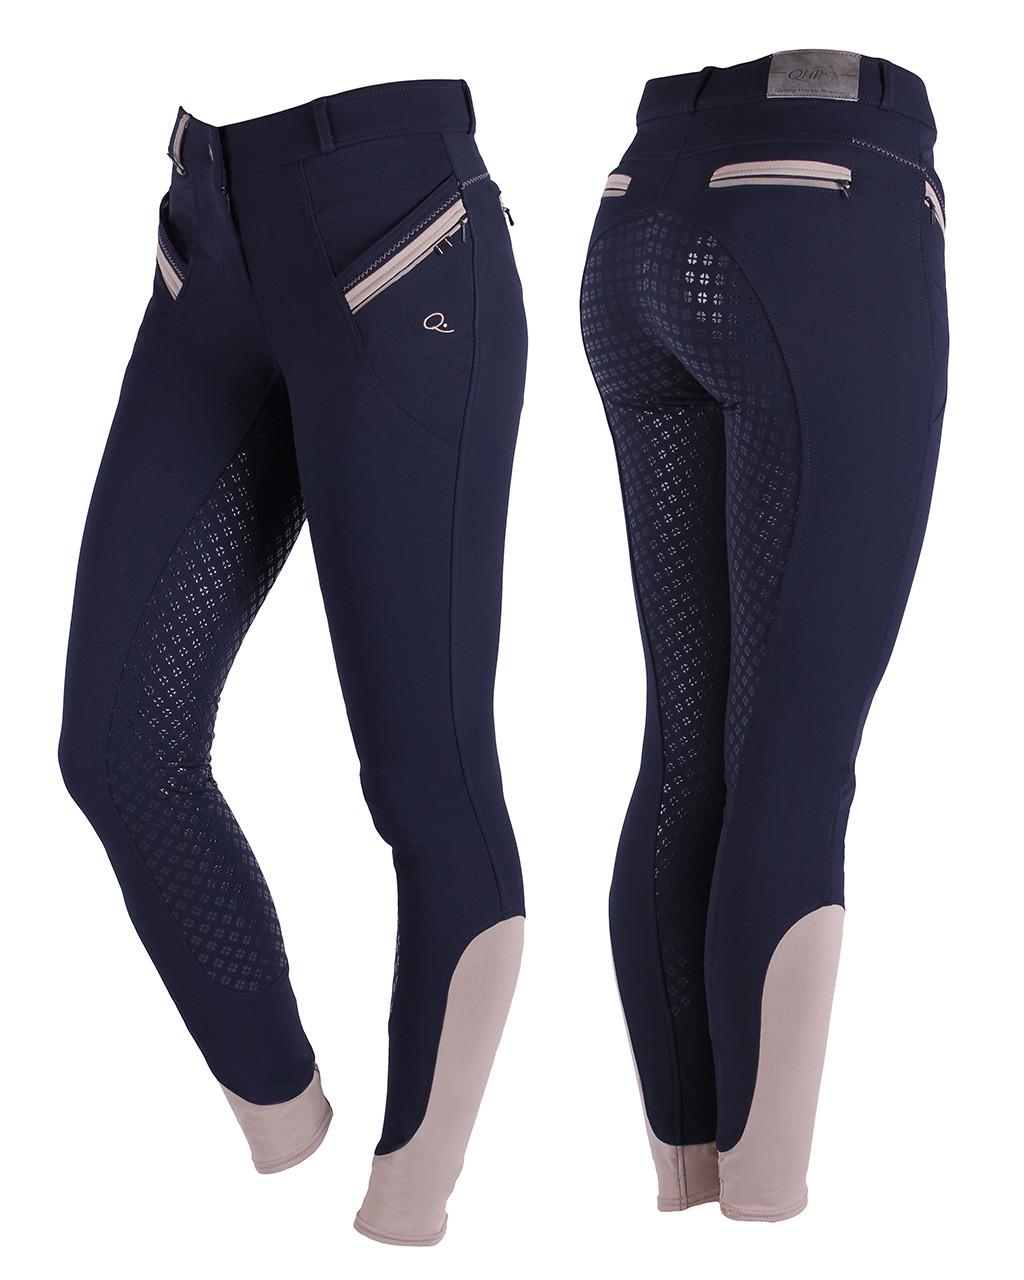 QHP Rijbroek Bliss anti-slip zitvlak donkerblauw maat:42